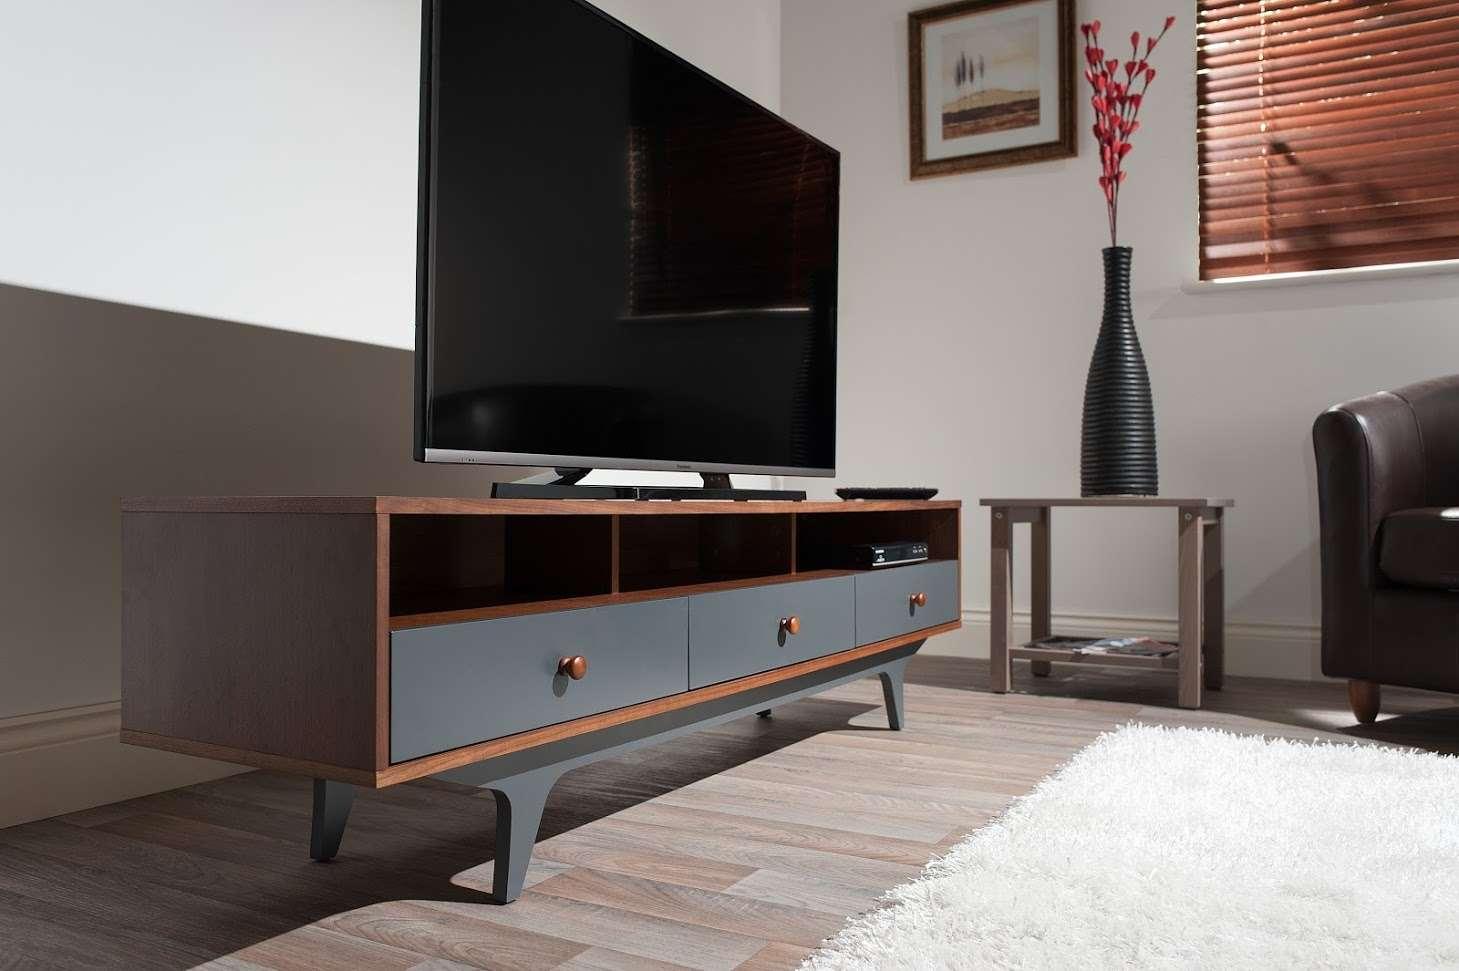 Тумба под телевизор в современном стиле: фото лучших моделей